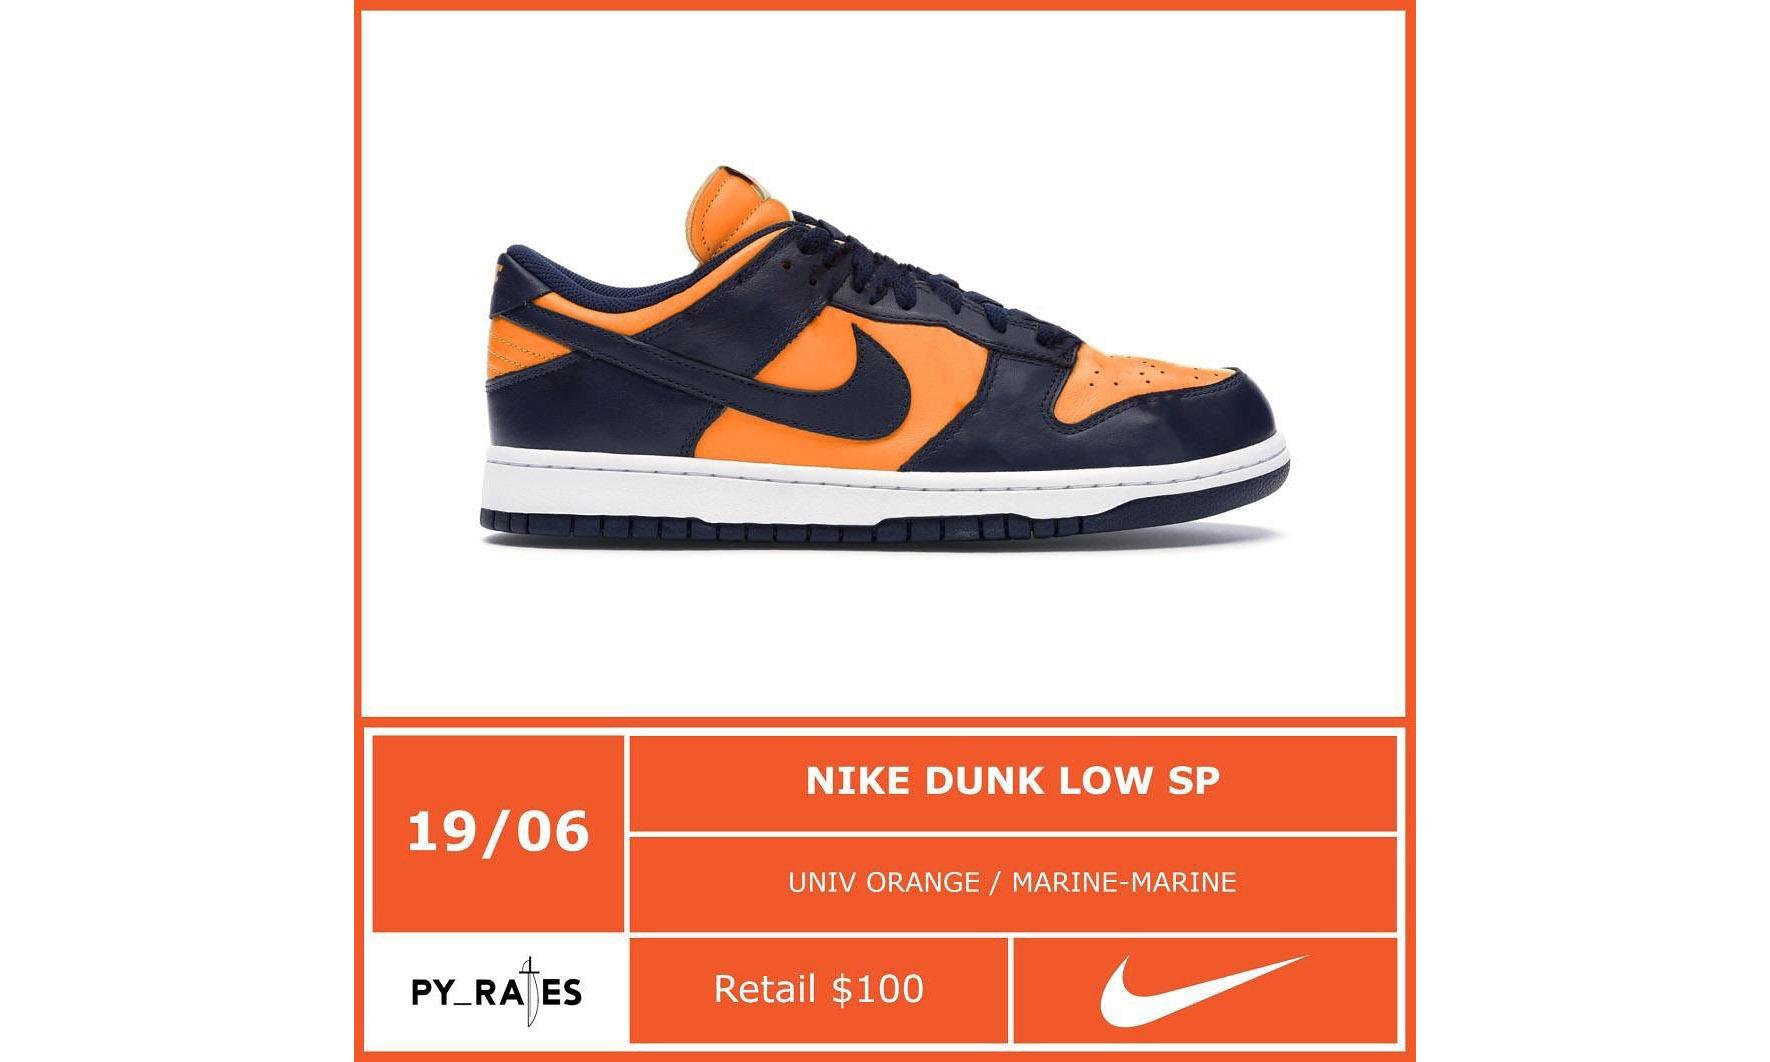 新配色 Nike Dunk Low SP 将于 6 月 19 日发售